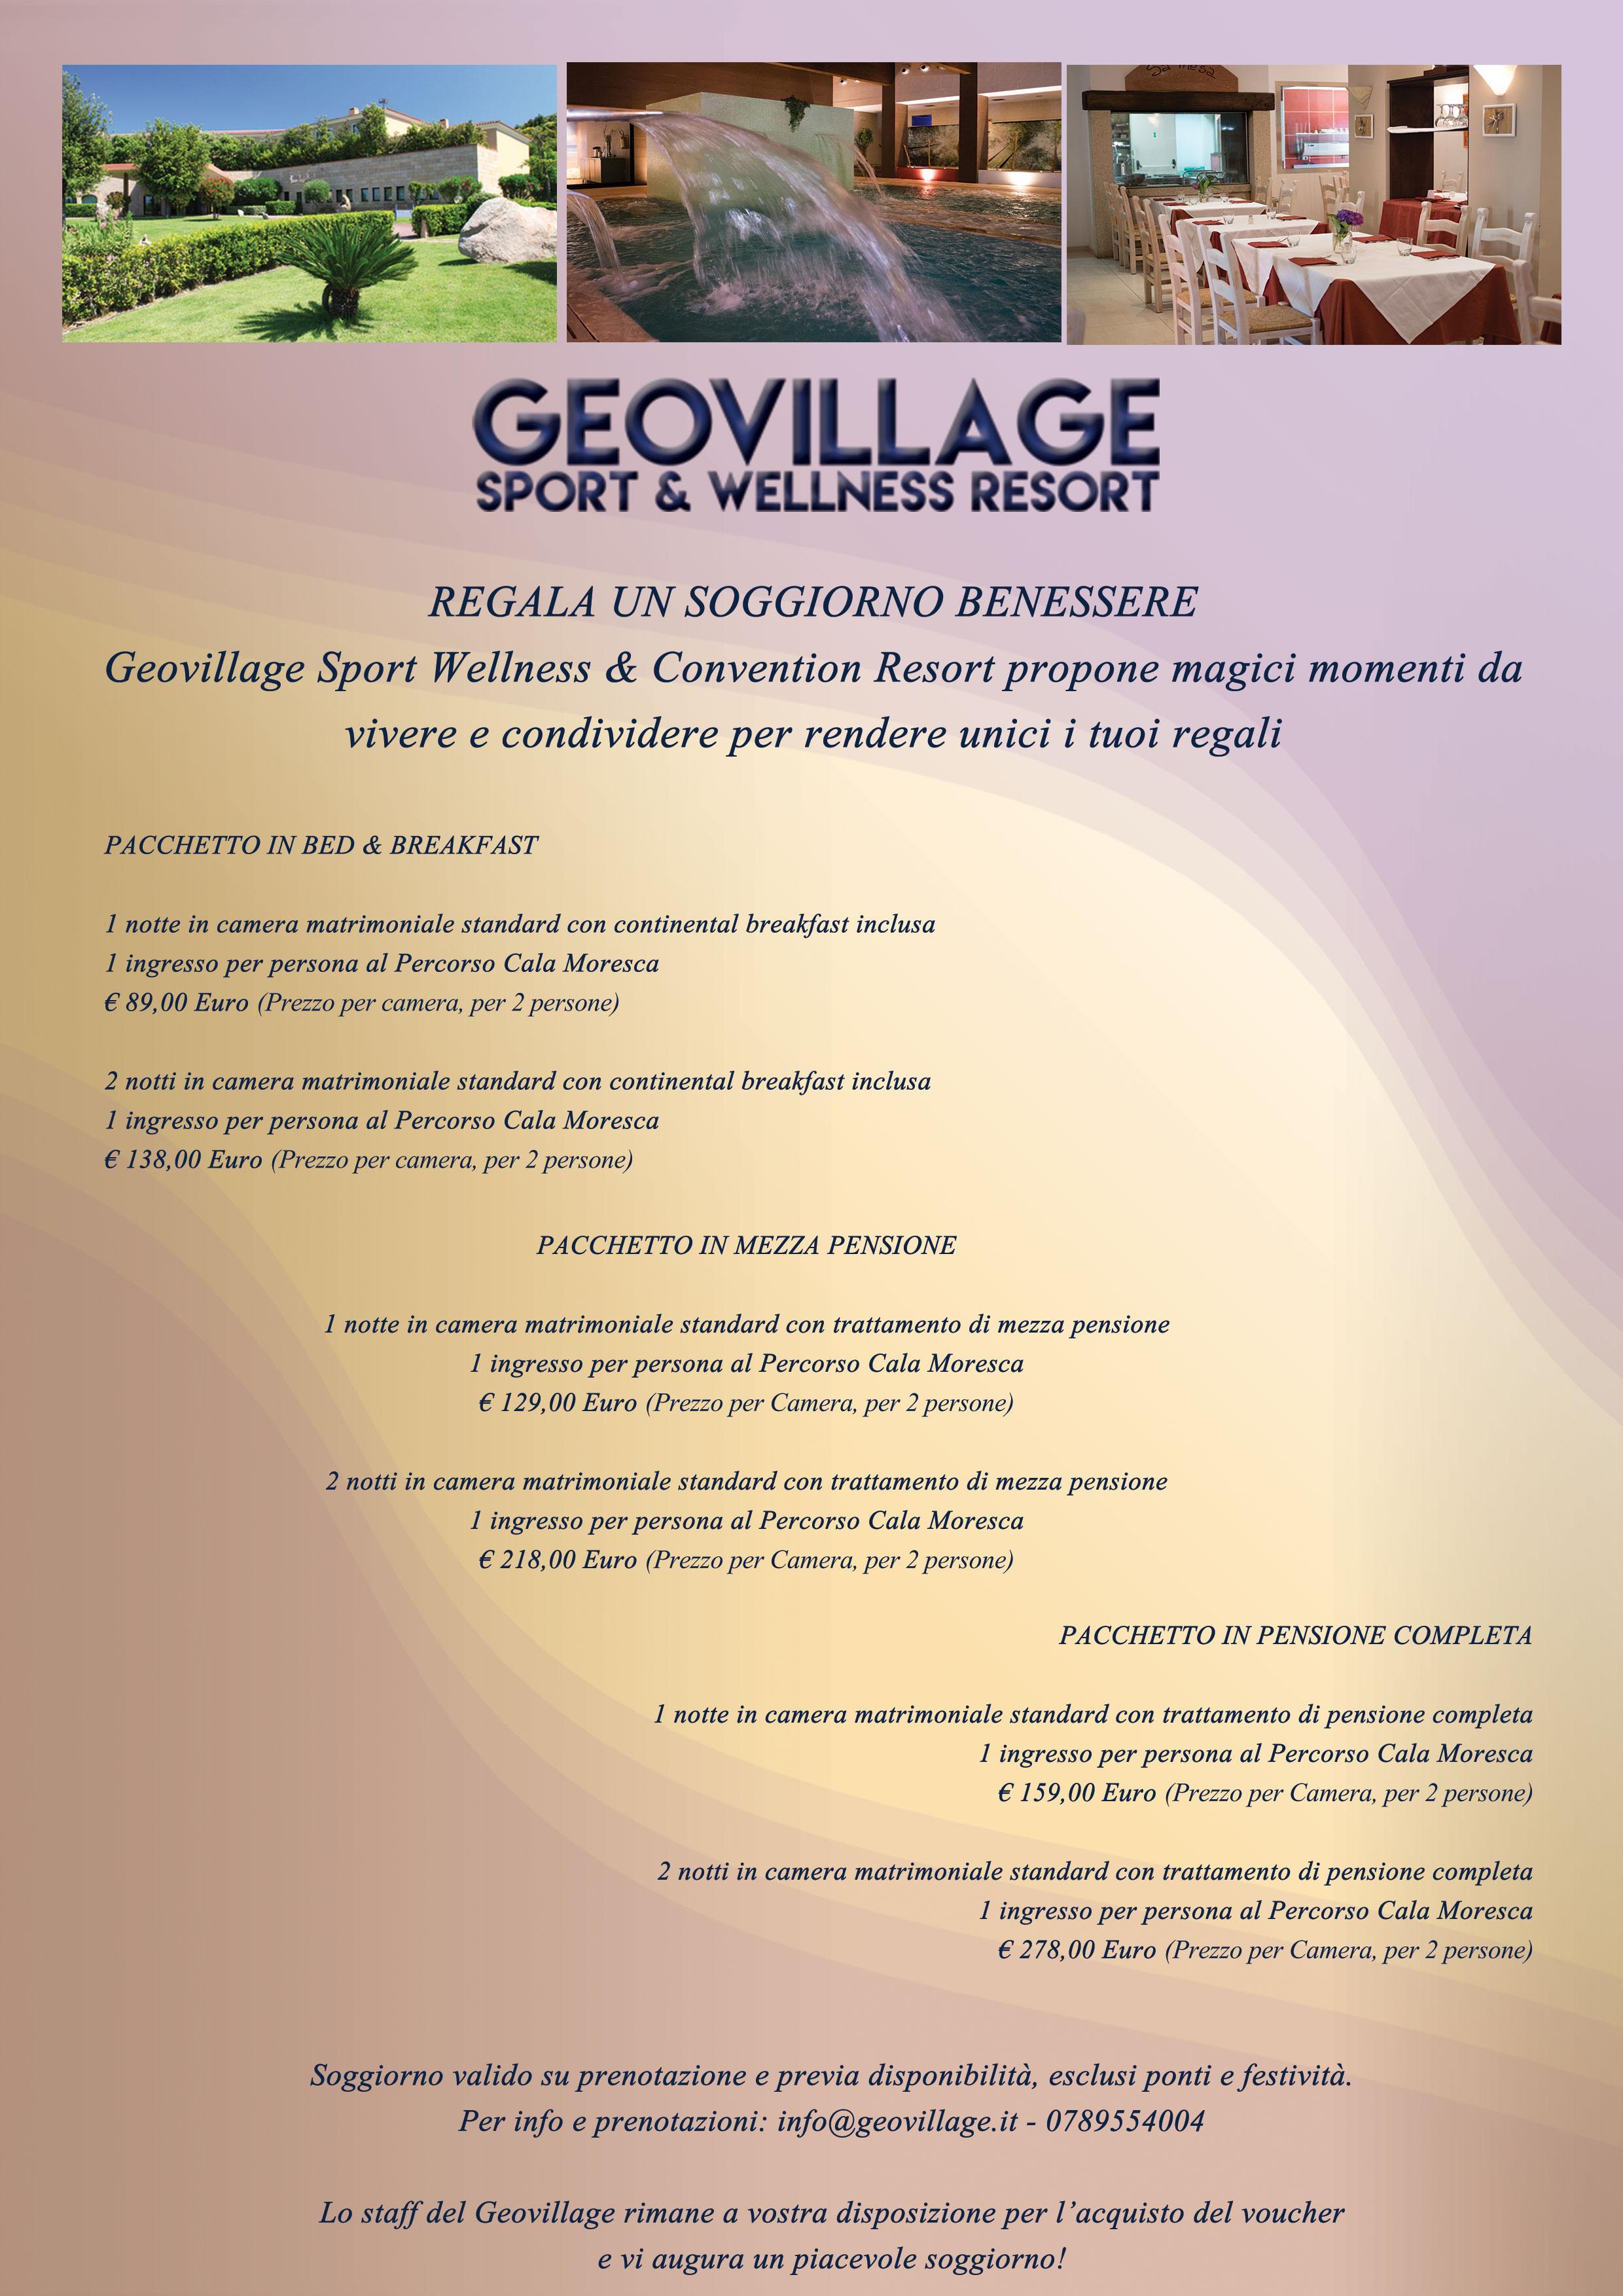 Soggiorno-regalo - Hotel Olbia Resort | Geovillage